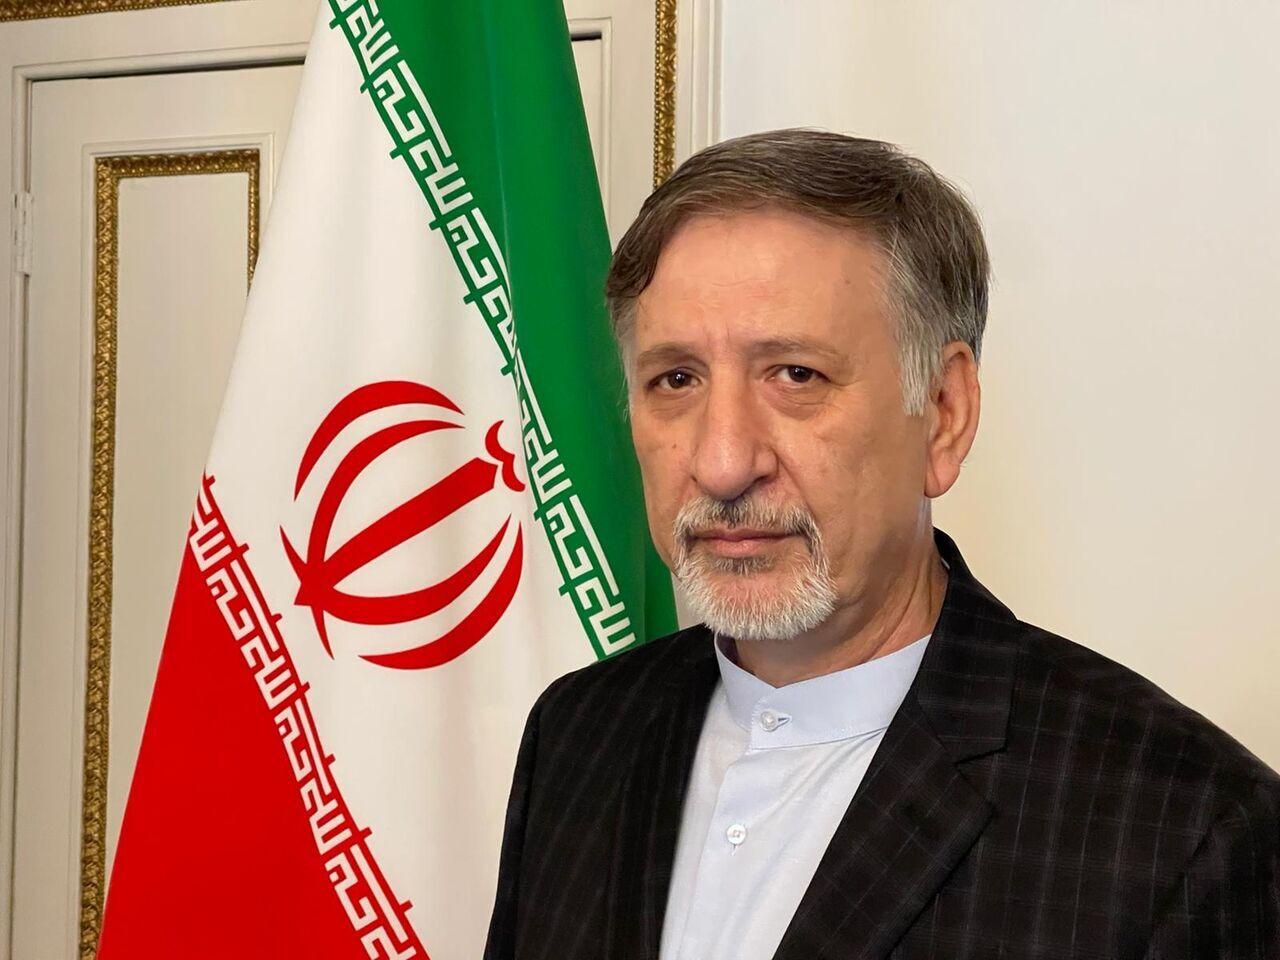 سفیر ایران در انگلیس: به آمریکا اعتماد نداریم؛ تحریمها باید در عمل برداشته شود